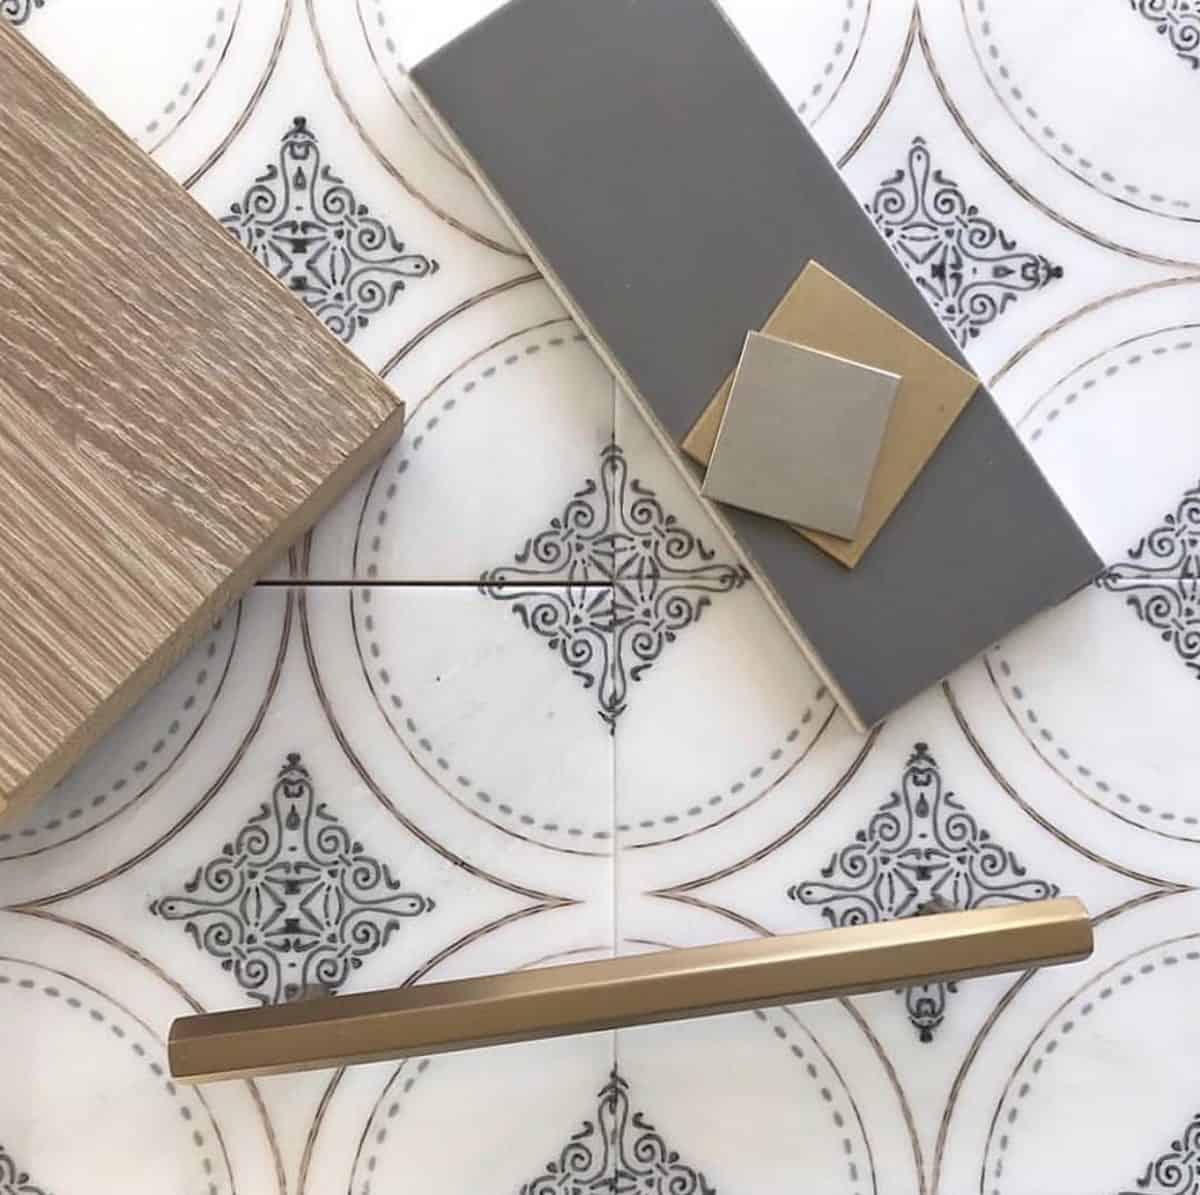 Ventana tile up close on carrara